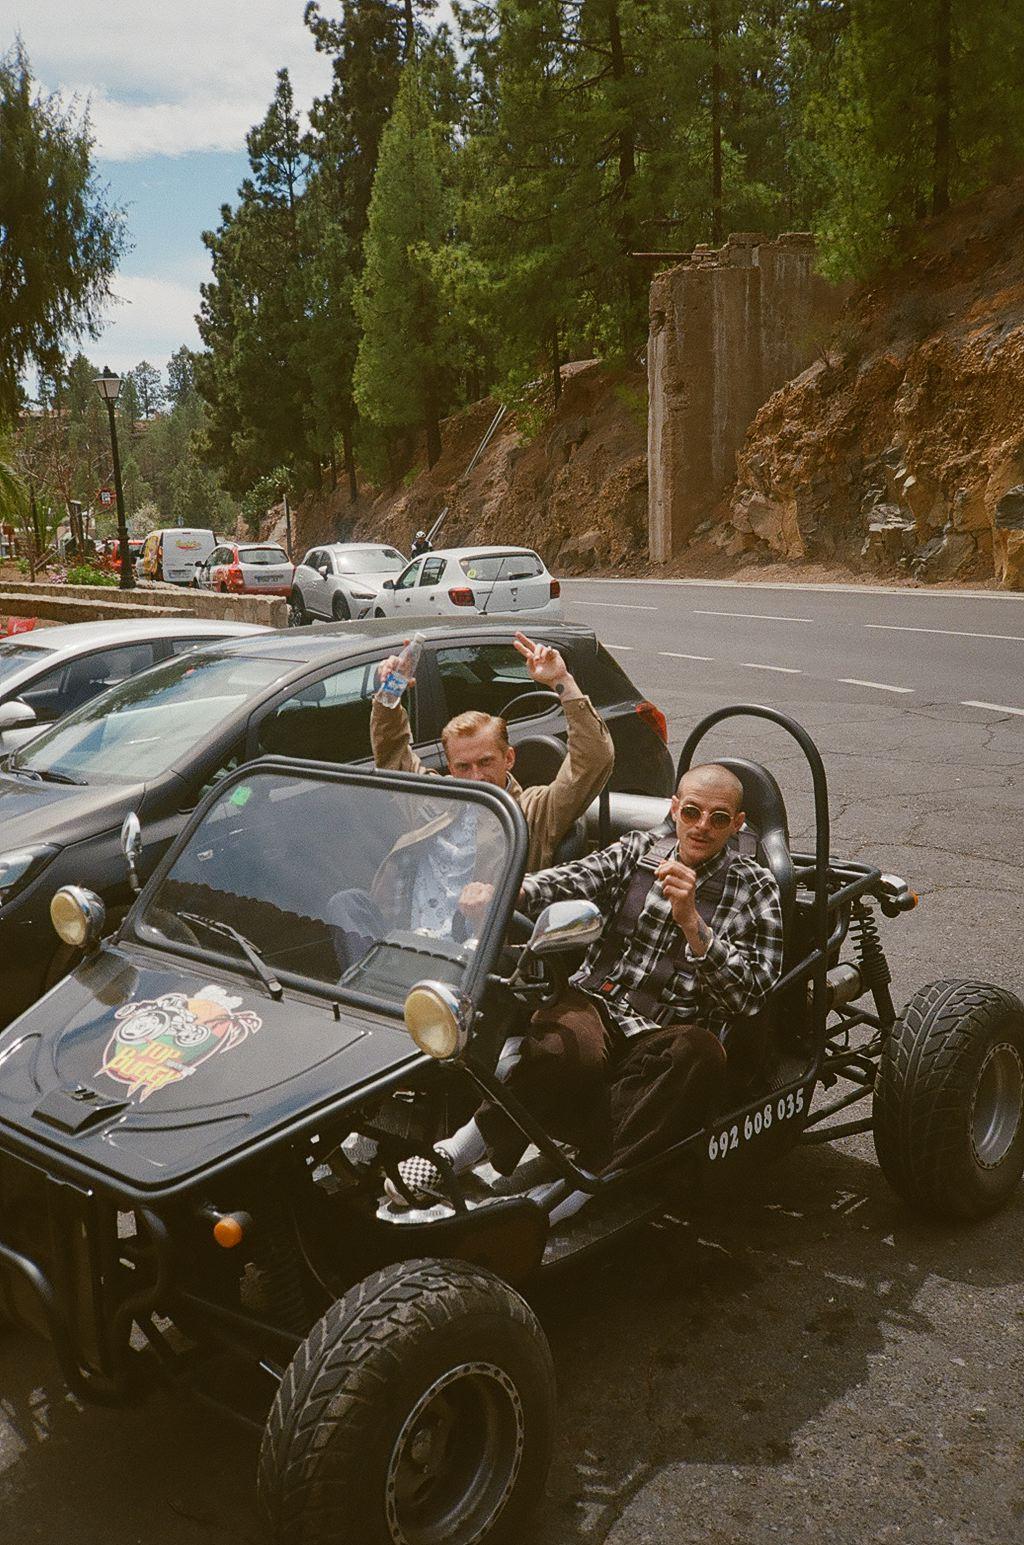 Rassvet 5 - Tenerife photos (17).JPG